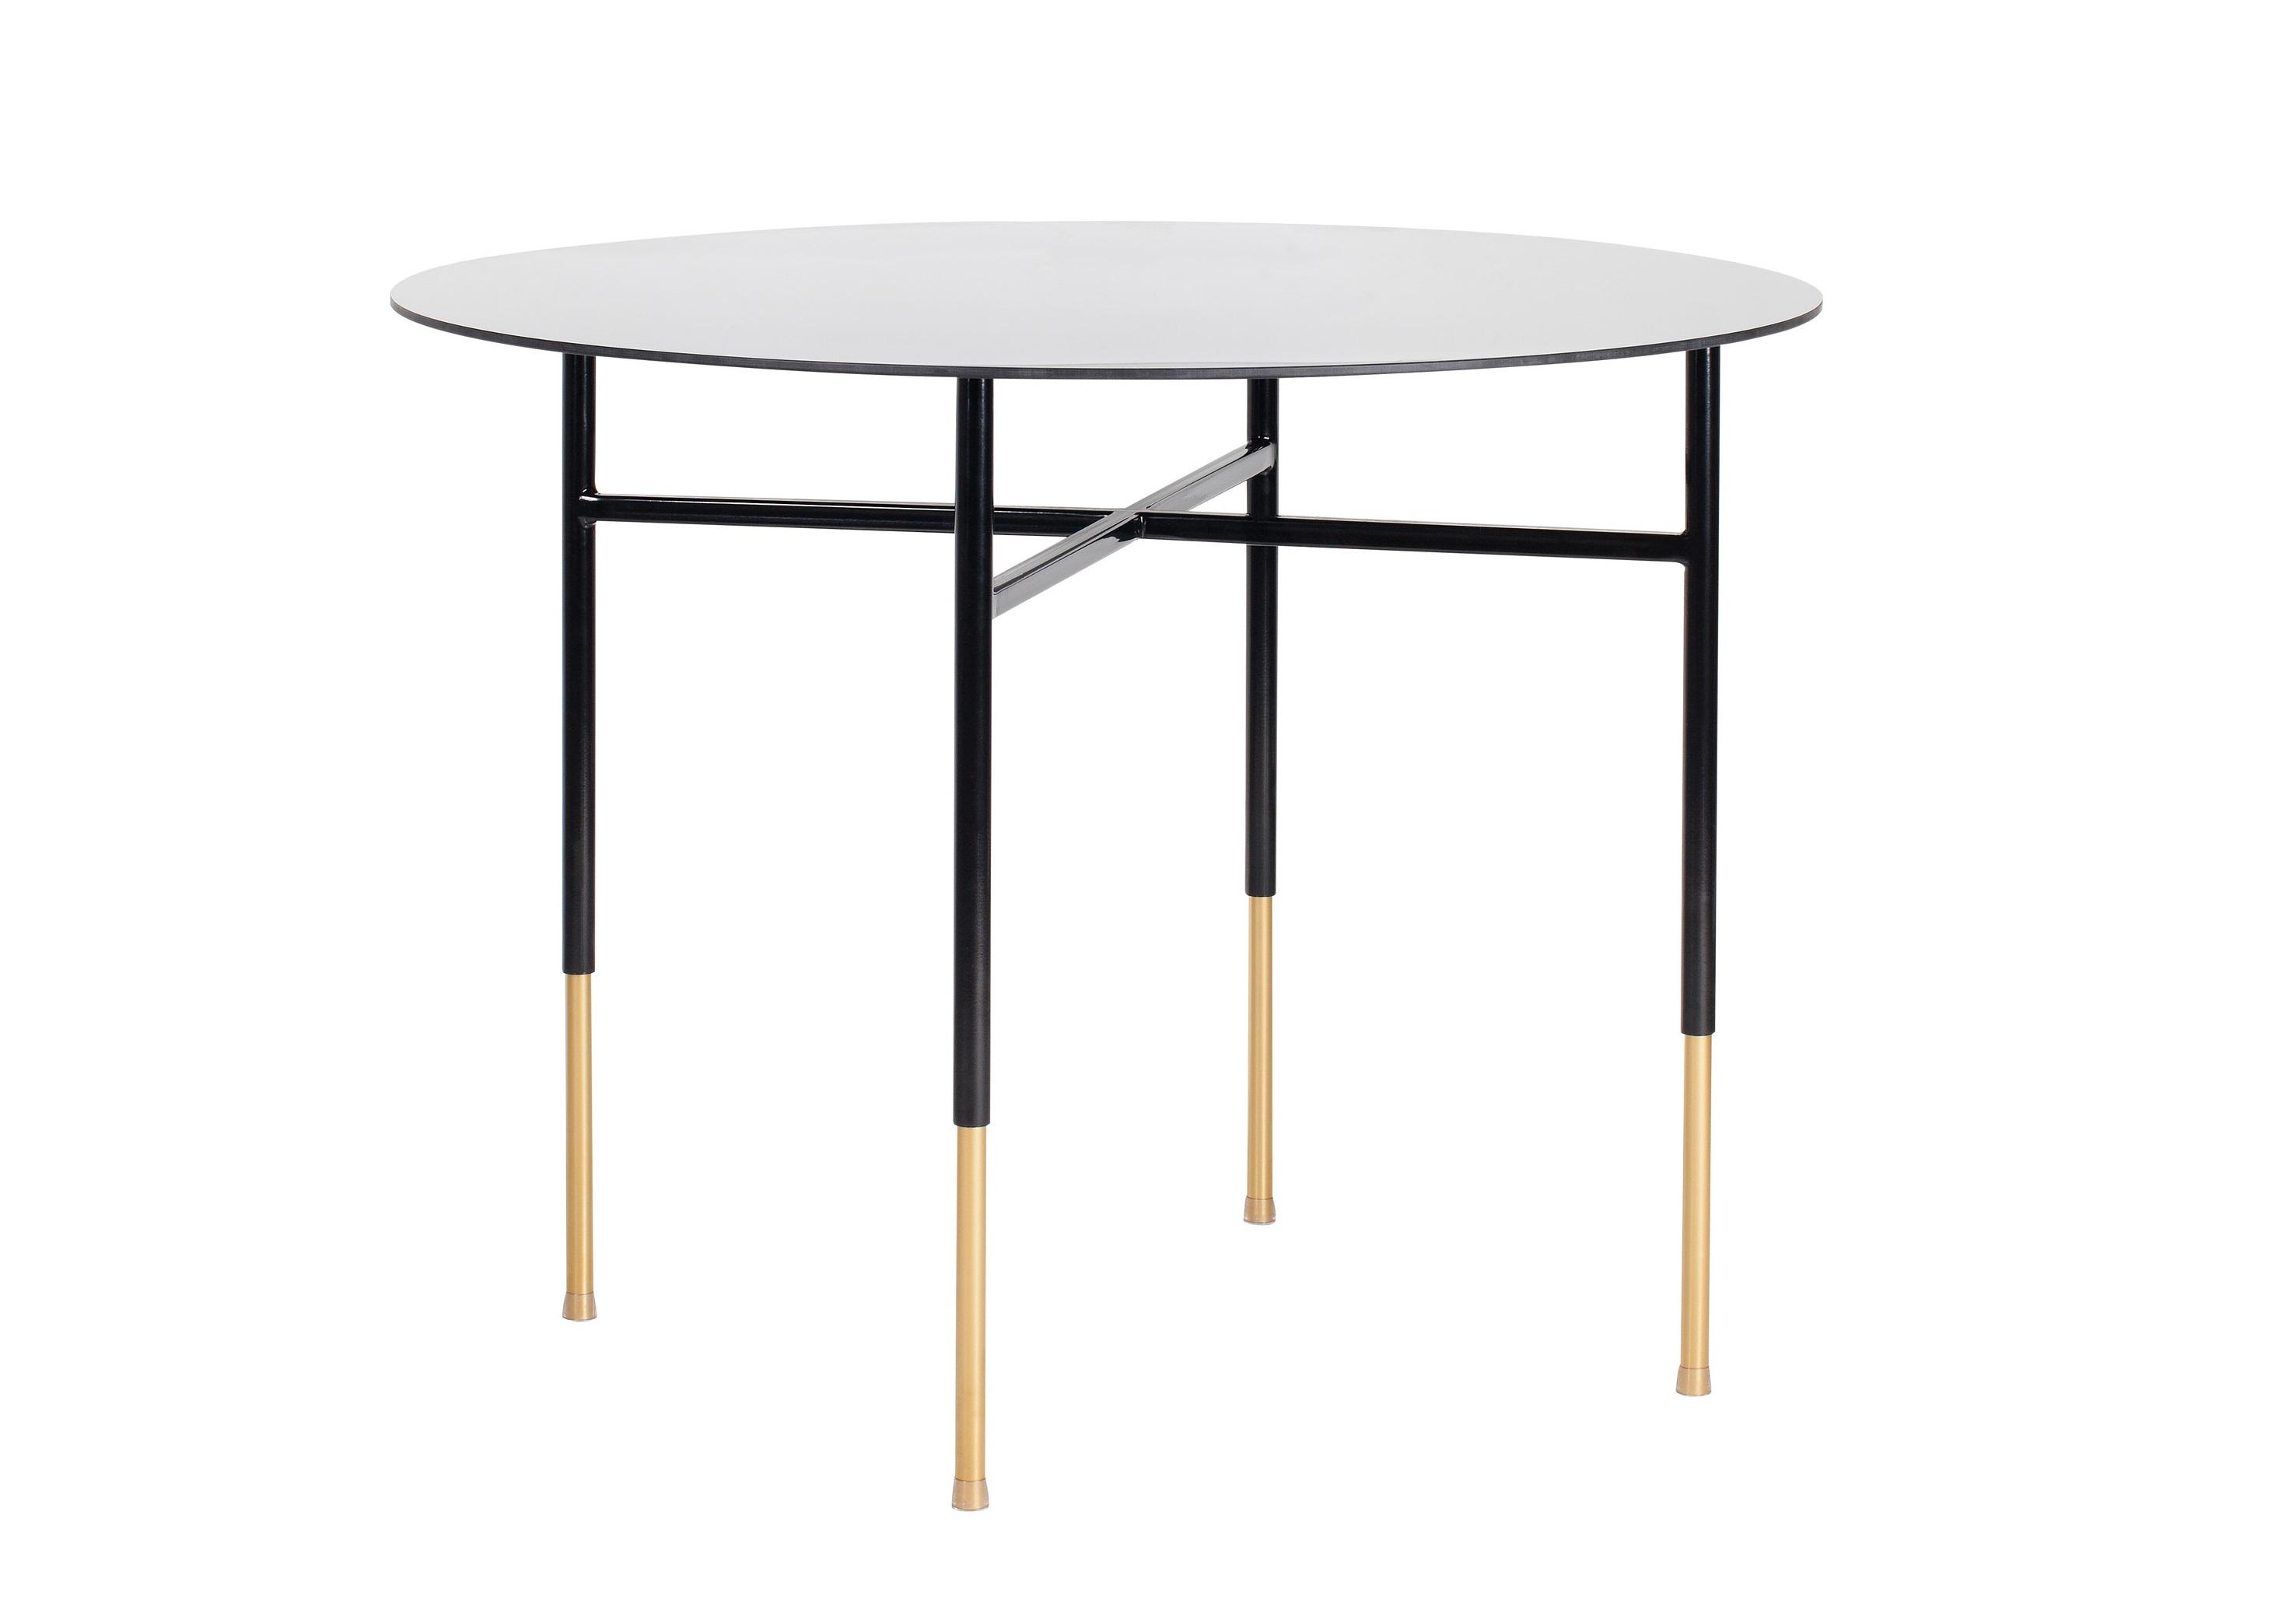 СтолОбеденные столы<br>Круглый стол — отличный выбор для дружной семьи и радушных хозяев. Круг символизирует законченность, совершенство и бесконечность. Стеклянная столешница сама по себе является украшением, ее нет необходимости прикрывать скатертью. Особого шика столу придает необычное покрытие ножек — строгий, лаконичный черный переходит в роскошный золотой. Такая отделка разбивает скучность простой формы, создавая поистине уникальный предмет интерьера. Металлические детали стола обработаны порошковой краской методом напыления и декоративным финишем, благодаря чему цвет получается глубоким и стойким. Данная технология обеспечивает высокую прочность поверхности и способна придать золотому покрытию красивый оттенок.&amp;amp;nbsp;<br><br>Material: Металл<br>Ширина см: 100.0<br>Высота см: 75.0<br>Глубина см: 100.0